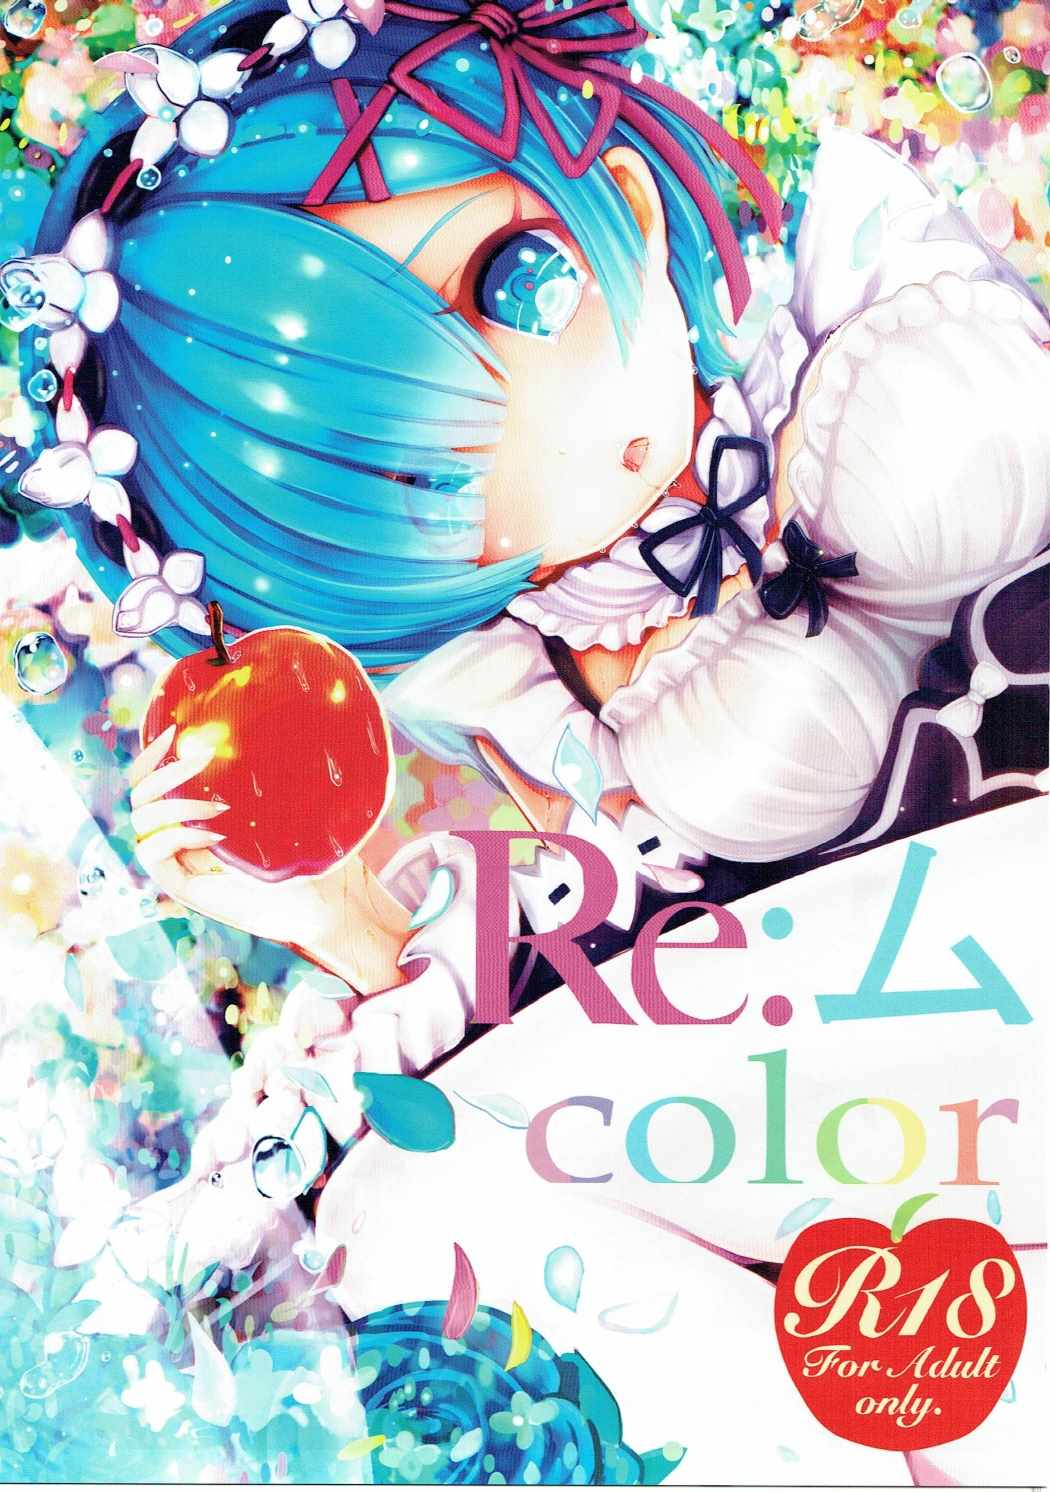 【リゼロ】レムちゃんのエロ可愛いフルカラーイラスト集!の画像1枚目